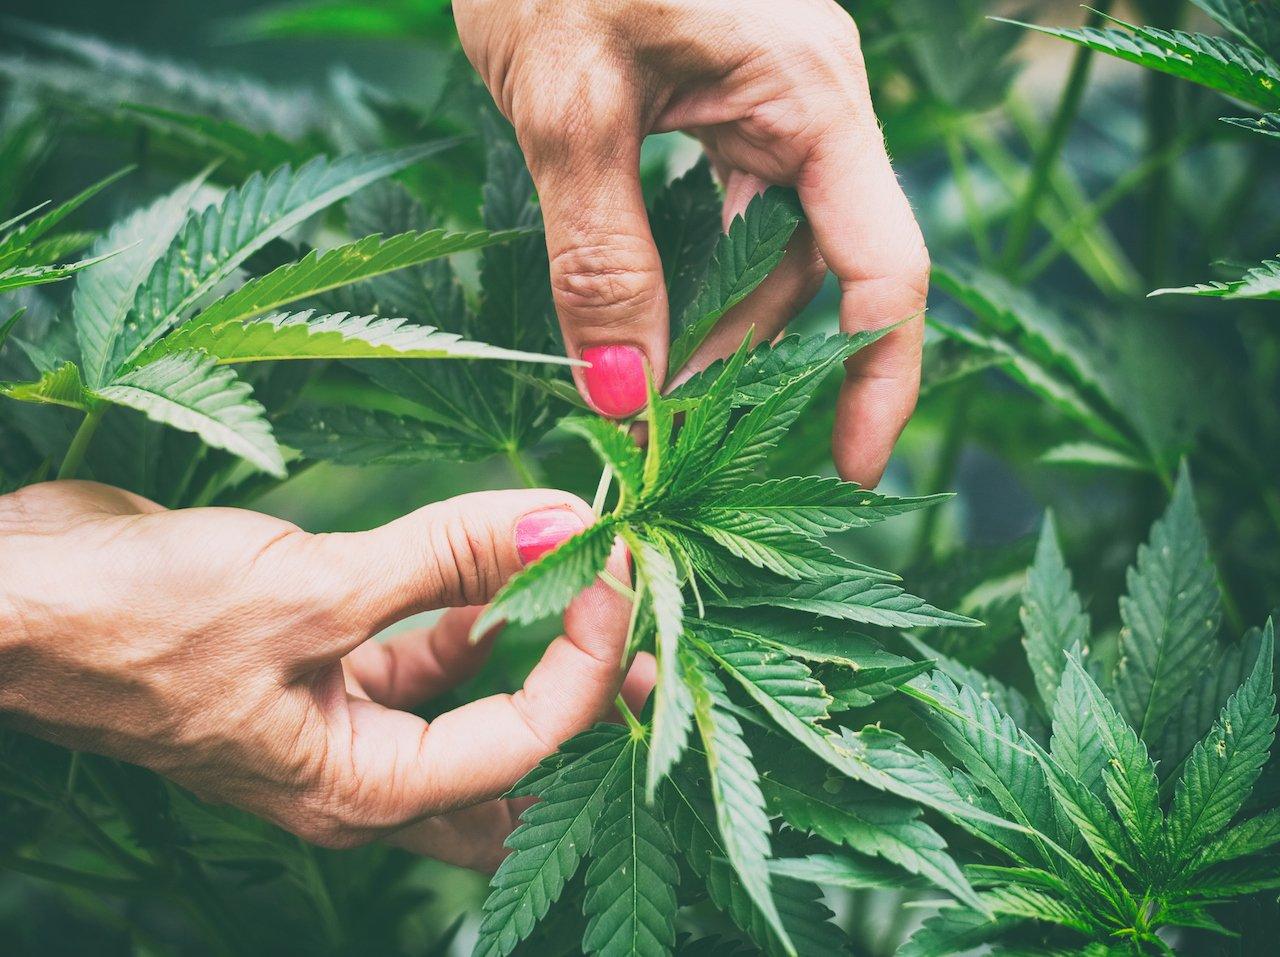 A photo of hands holding a marijuana leaf